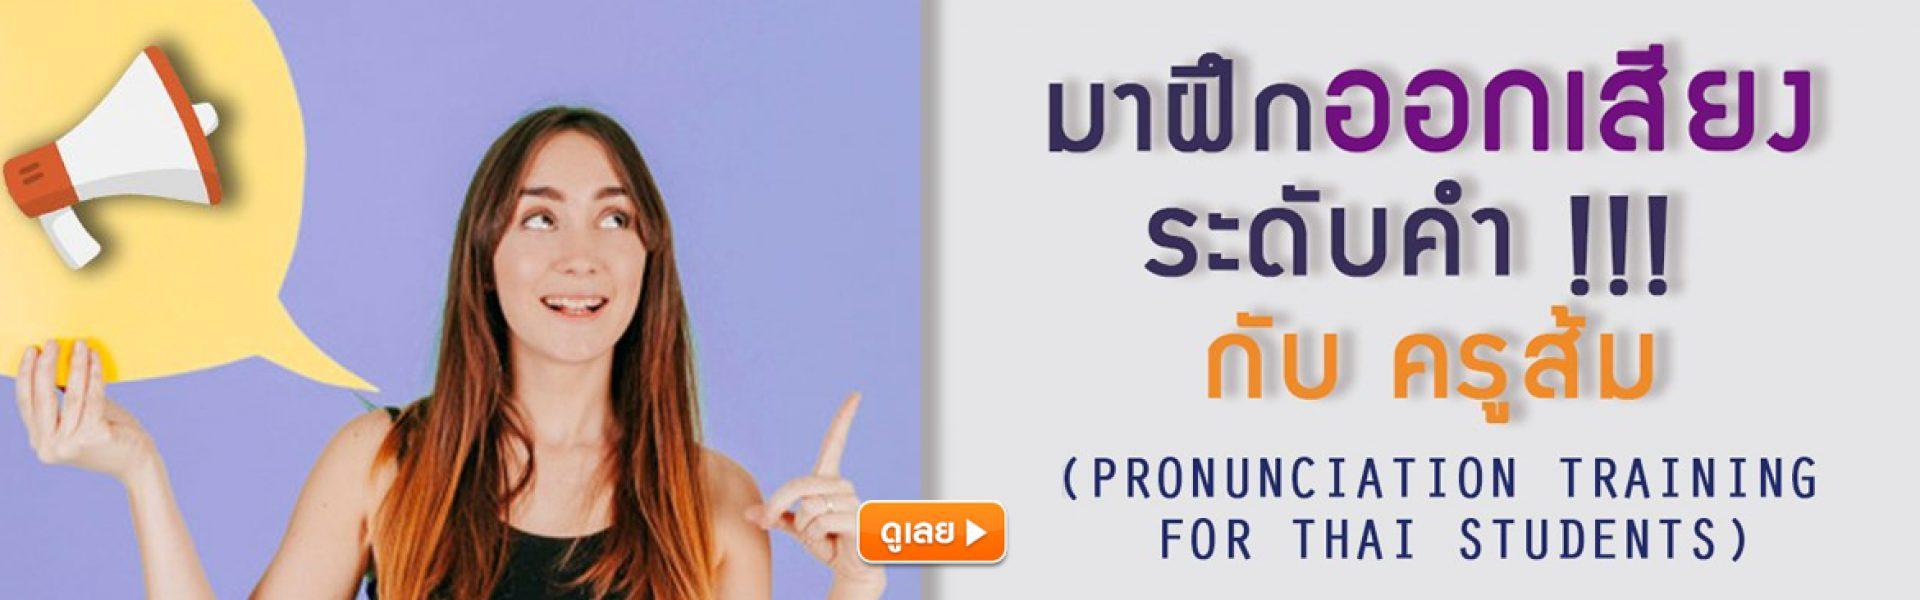 การฝึกออกเสียงในภาษาอังกฤษ!!! (Pronunciation)